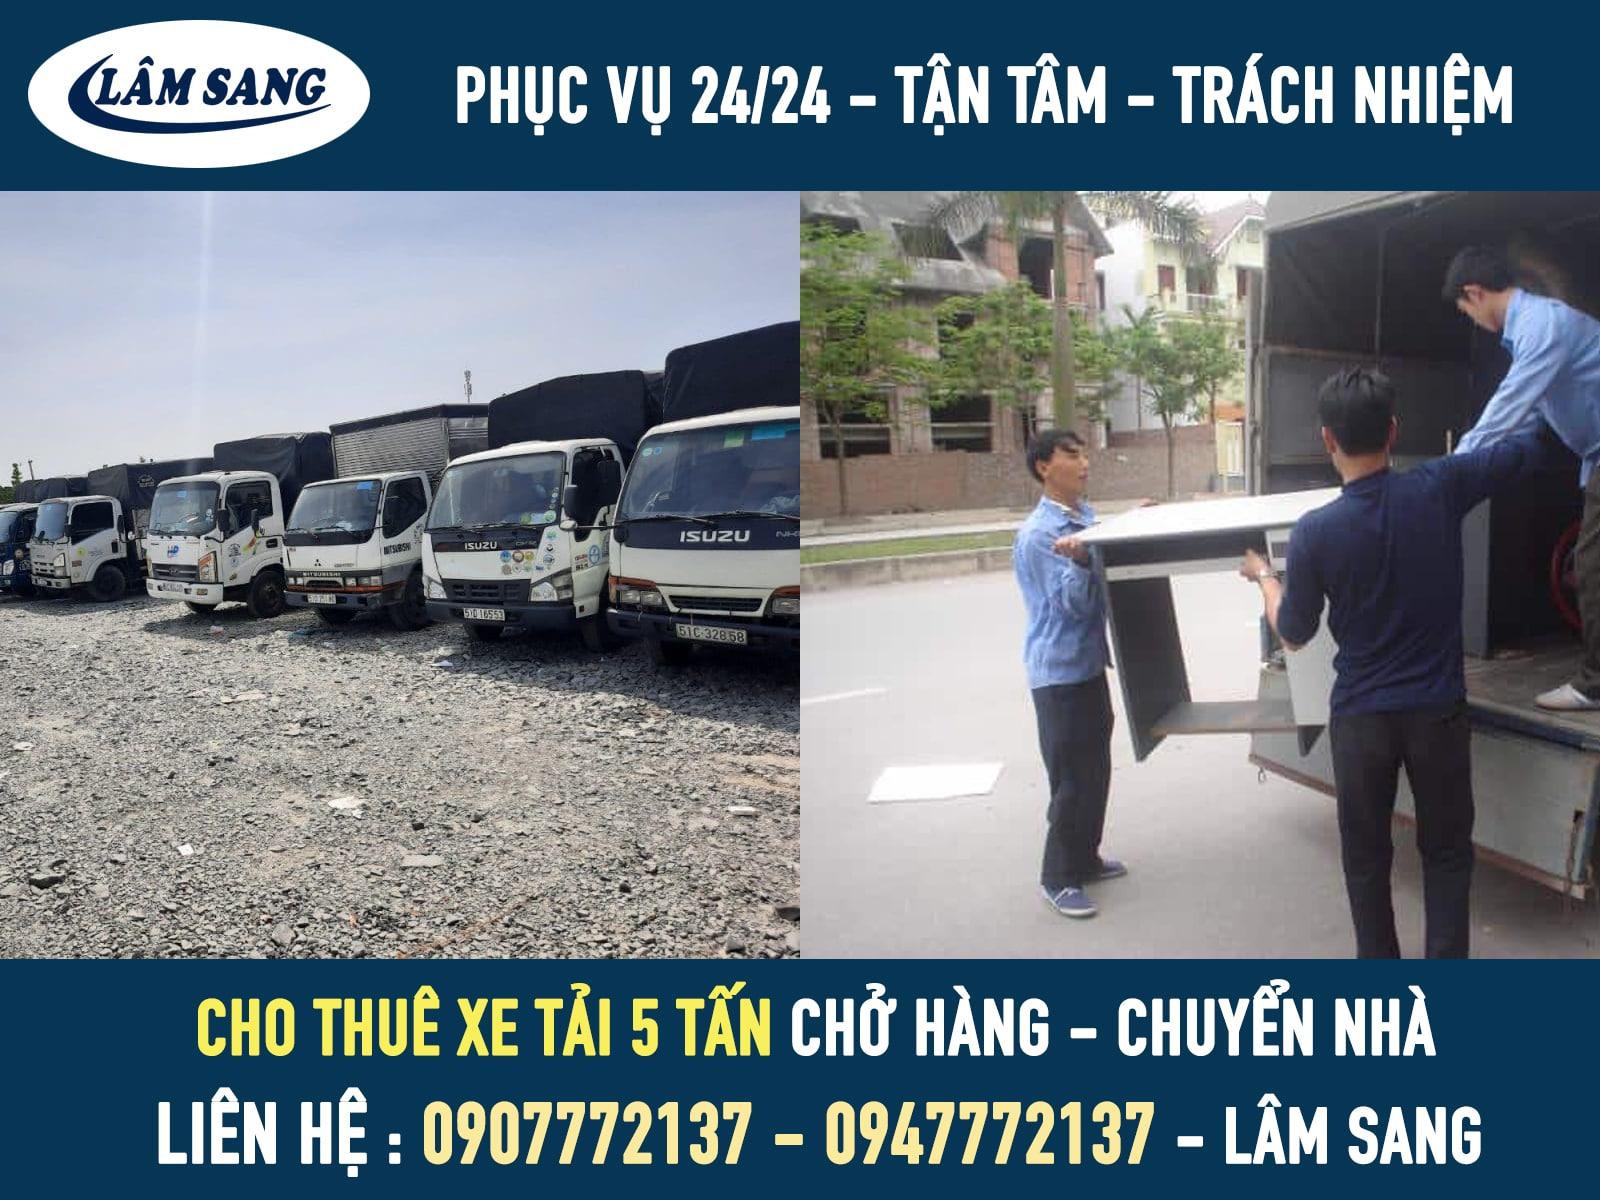 Cho thuê xe tải chở hàng 5 tấn giá rẻ